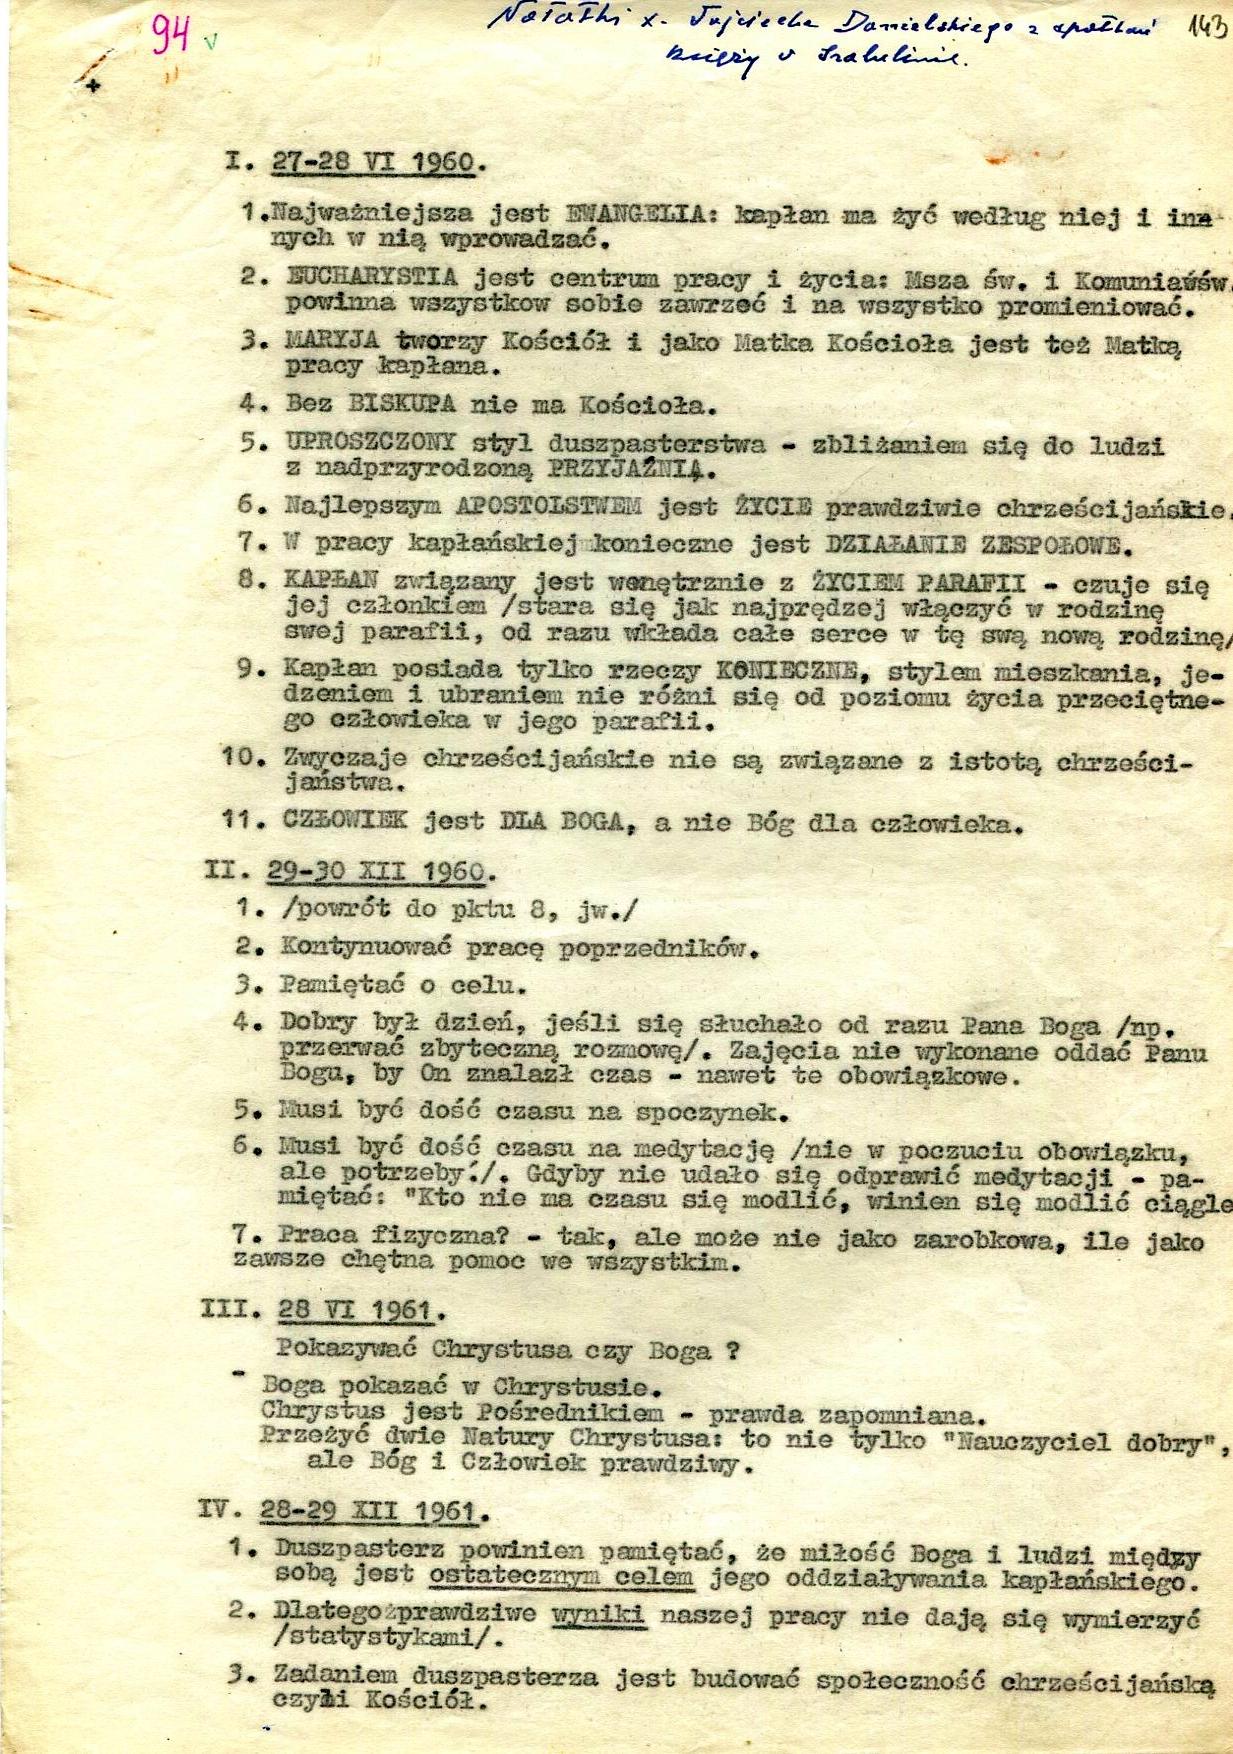 Ks. Wojciech Danielski - Notaki ze spotkań księży w Izabelinie, 1960-1964